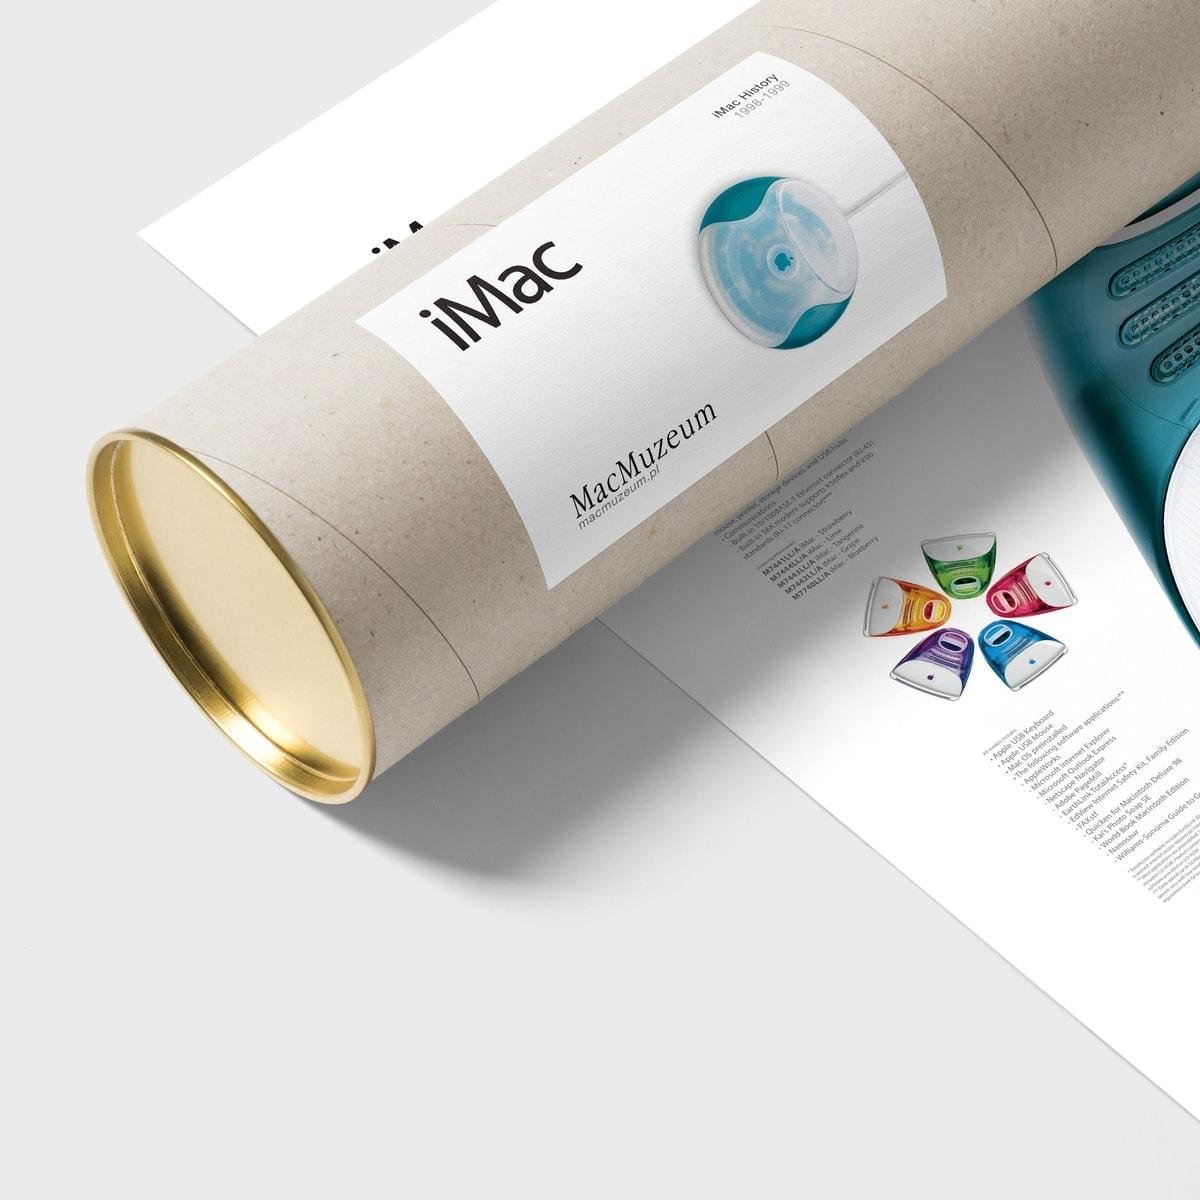 iMac G3 poster & tube